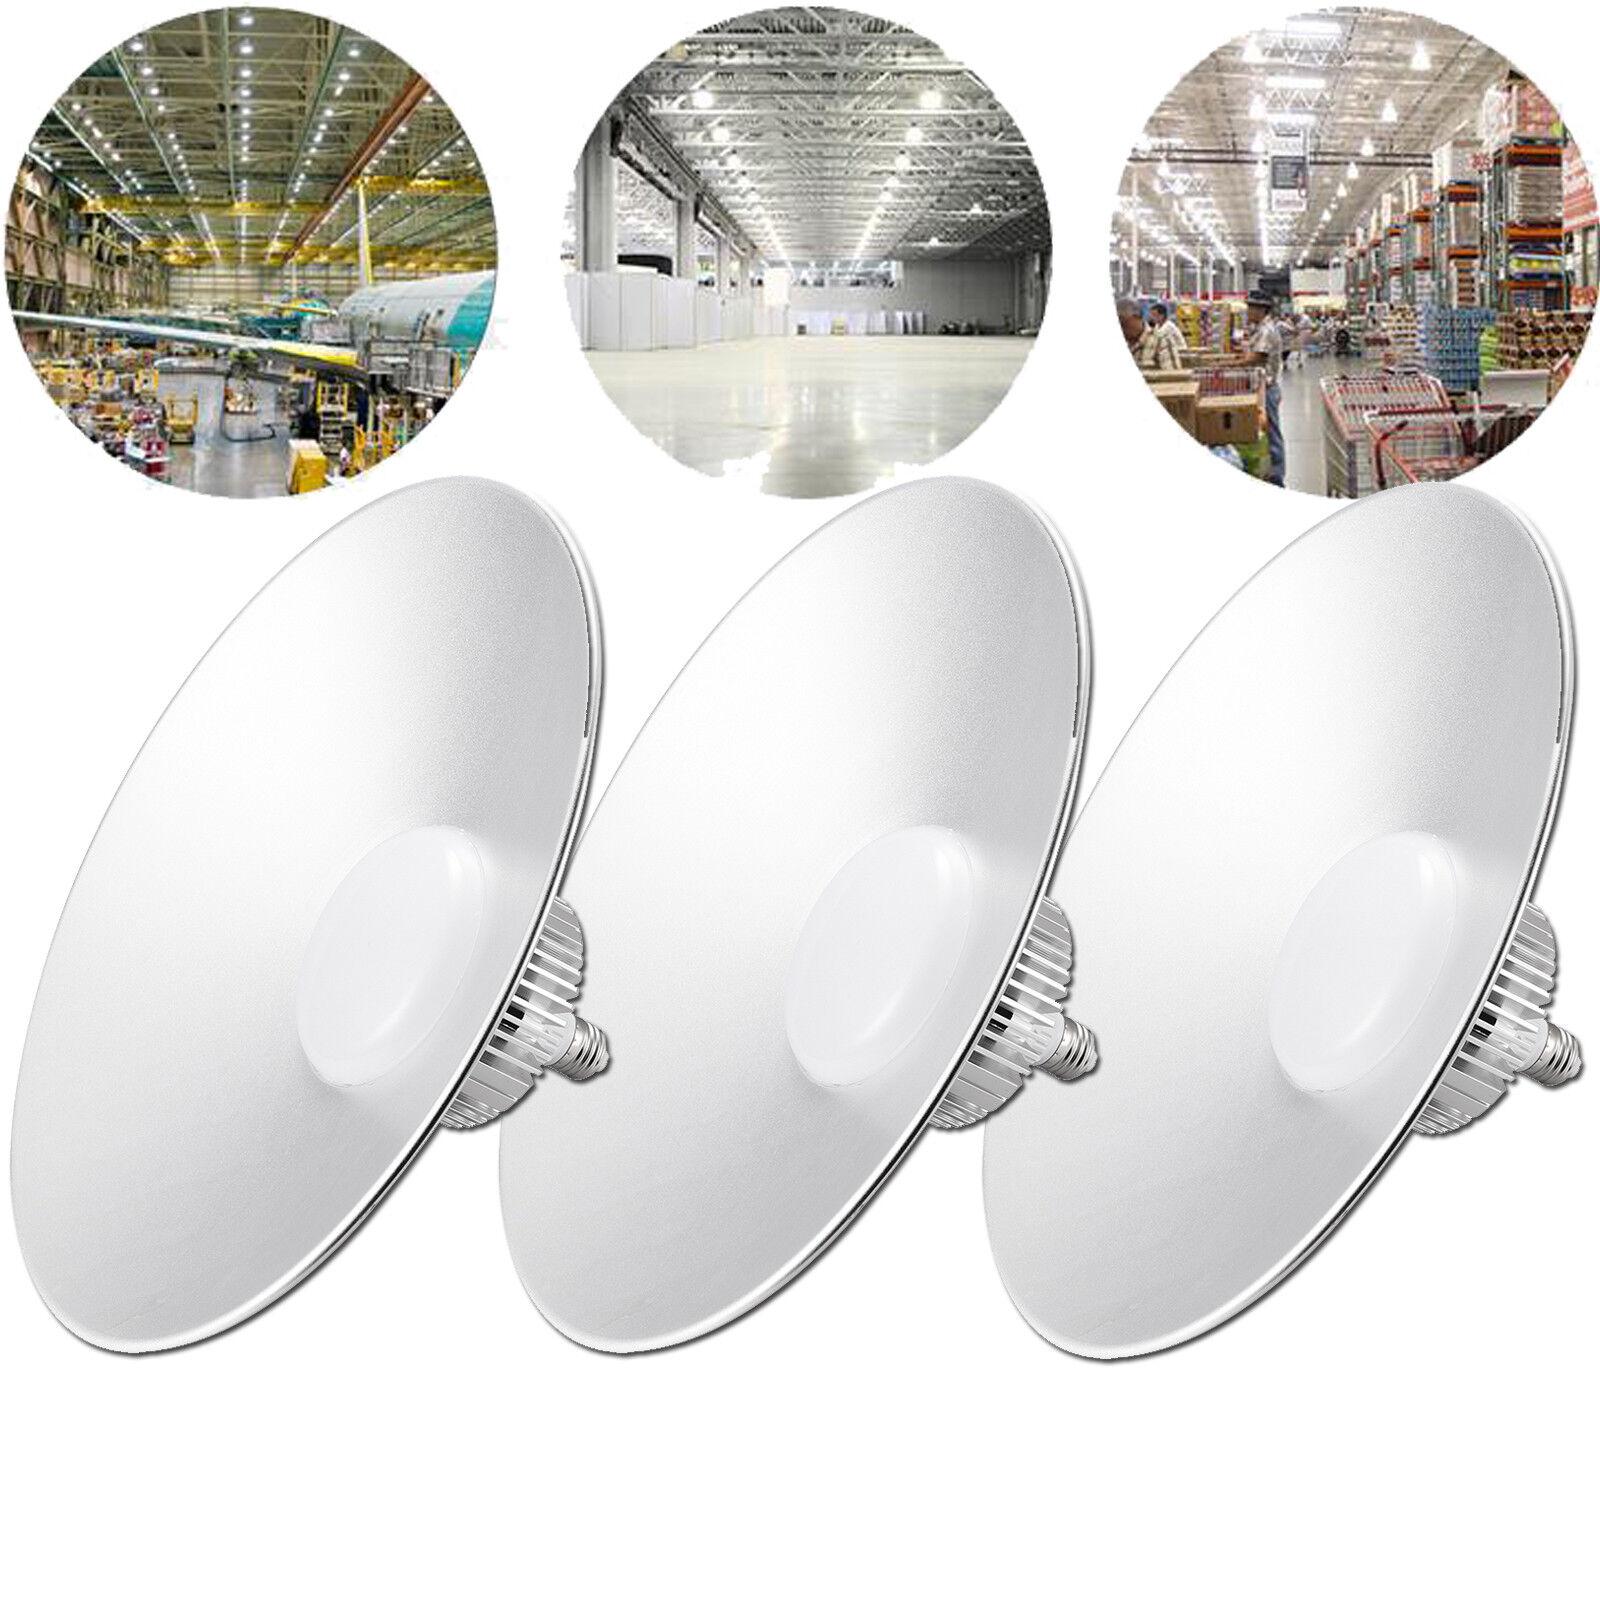 3x 100w e27 LED hallenleuchte industria lámpara highbay hallenstrahler blancoo eh